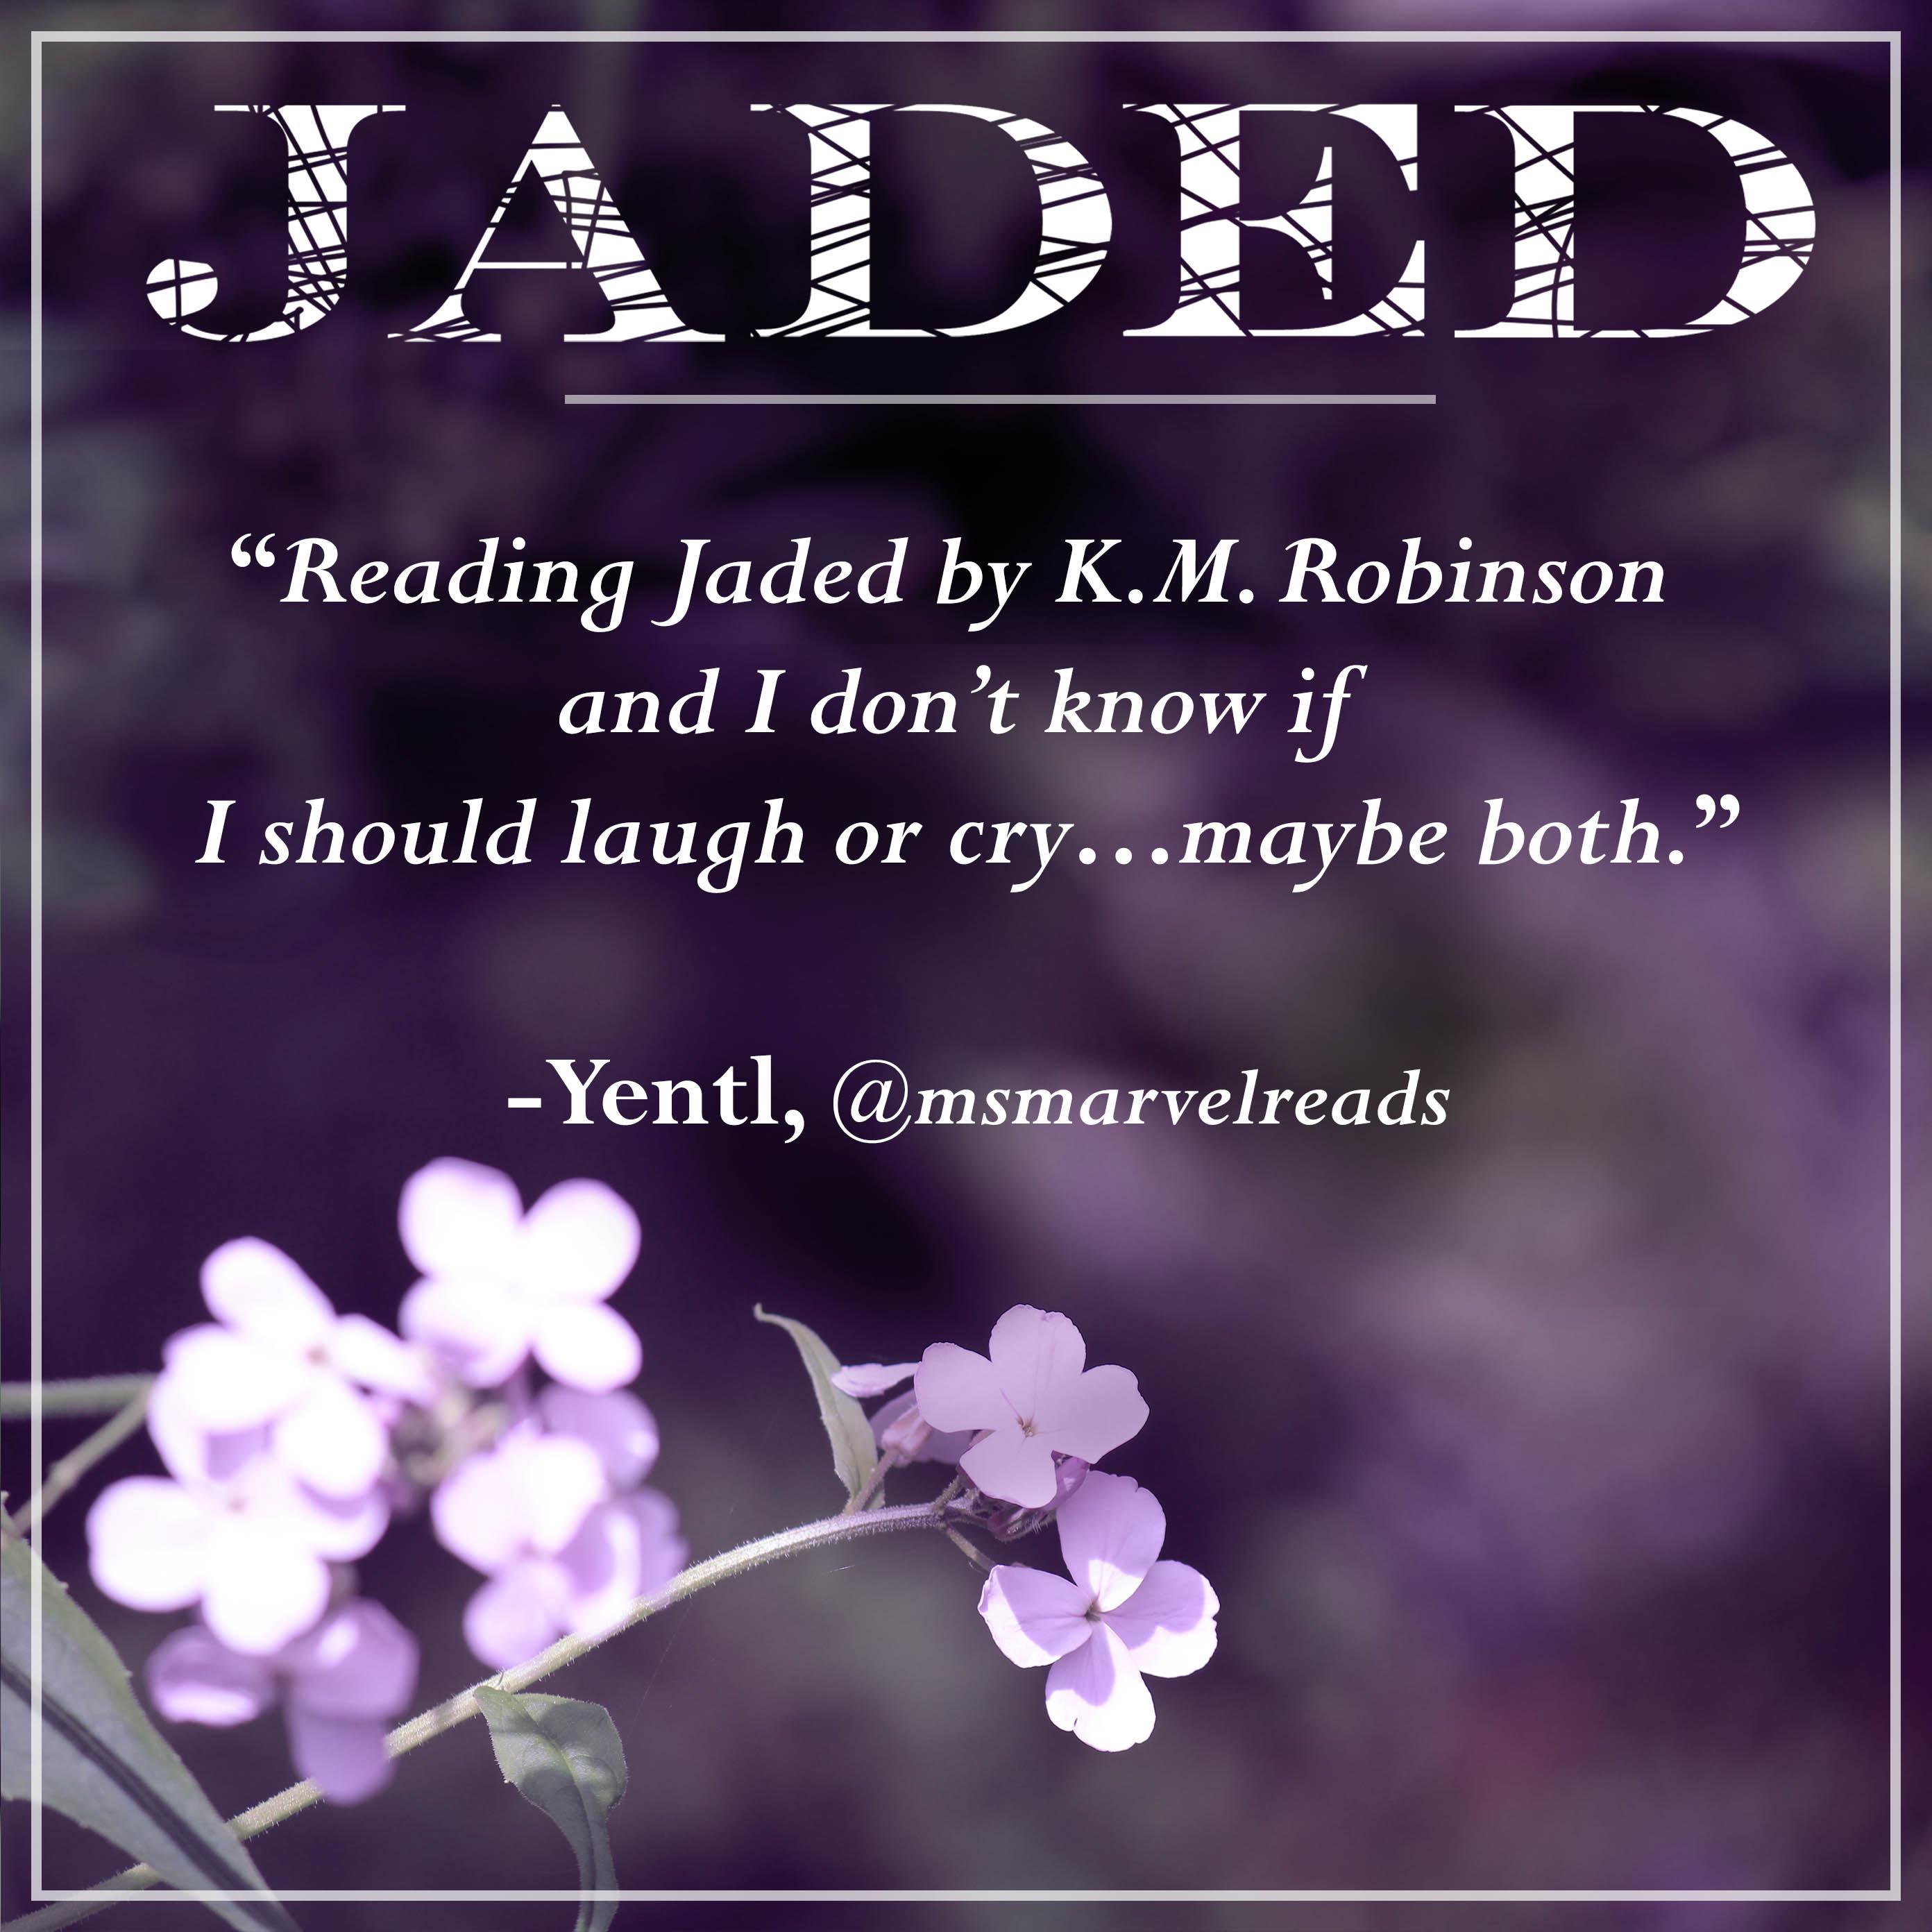 jaded fan quote-yentl 4